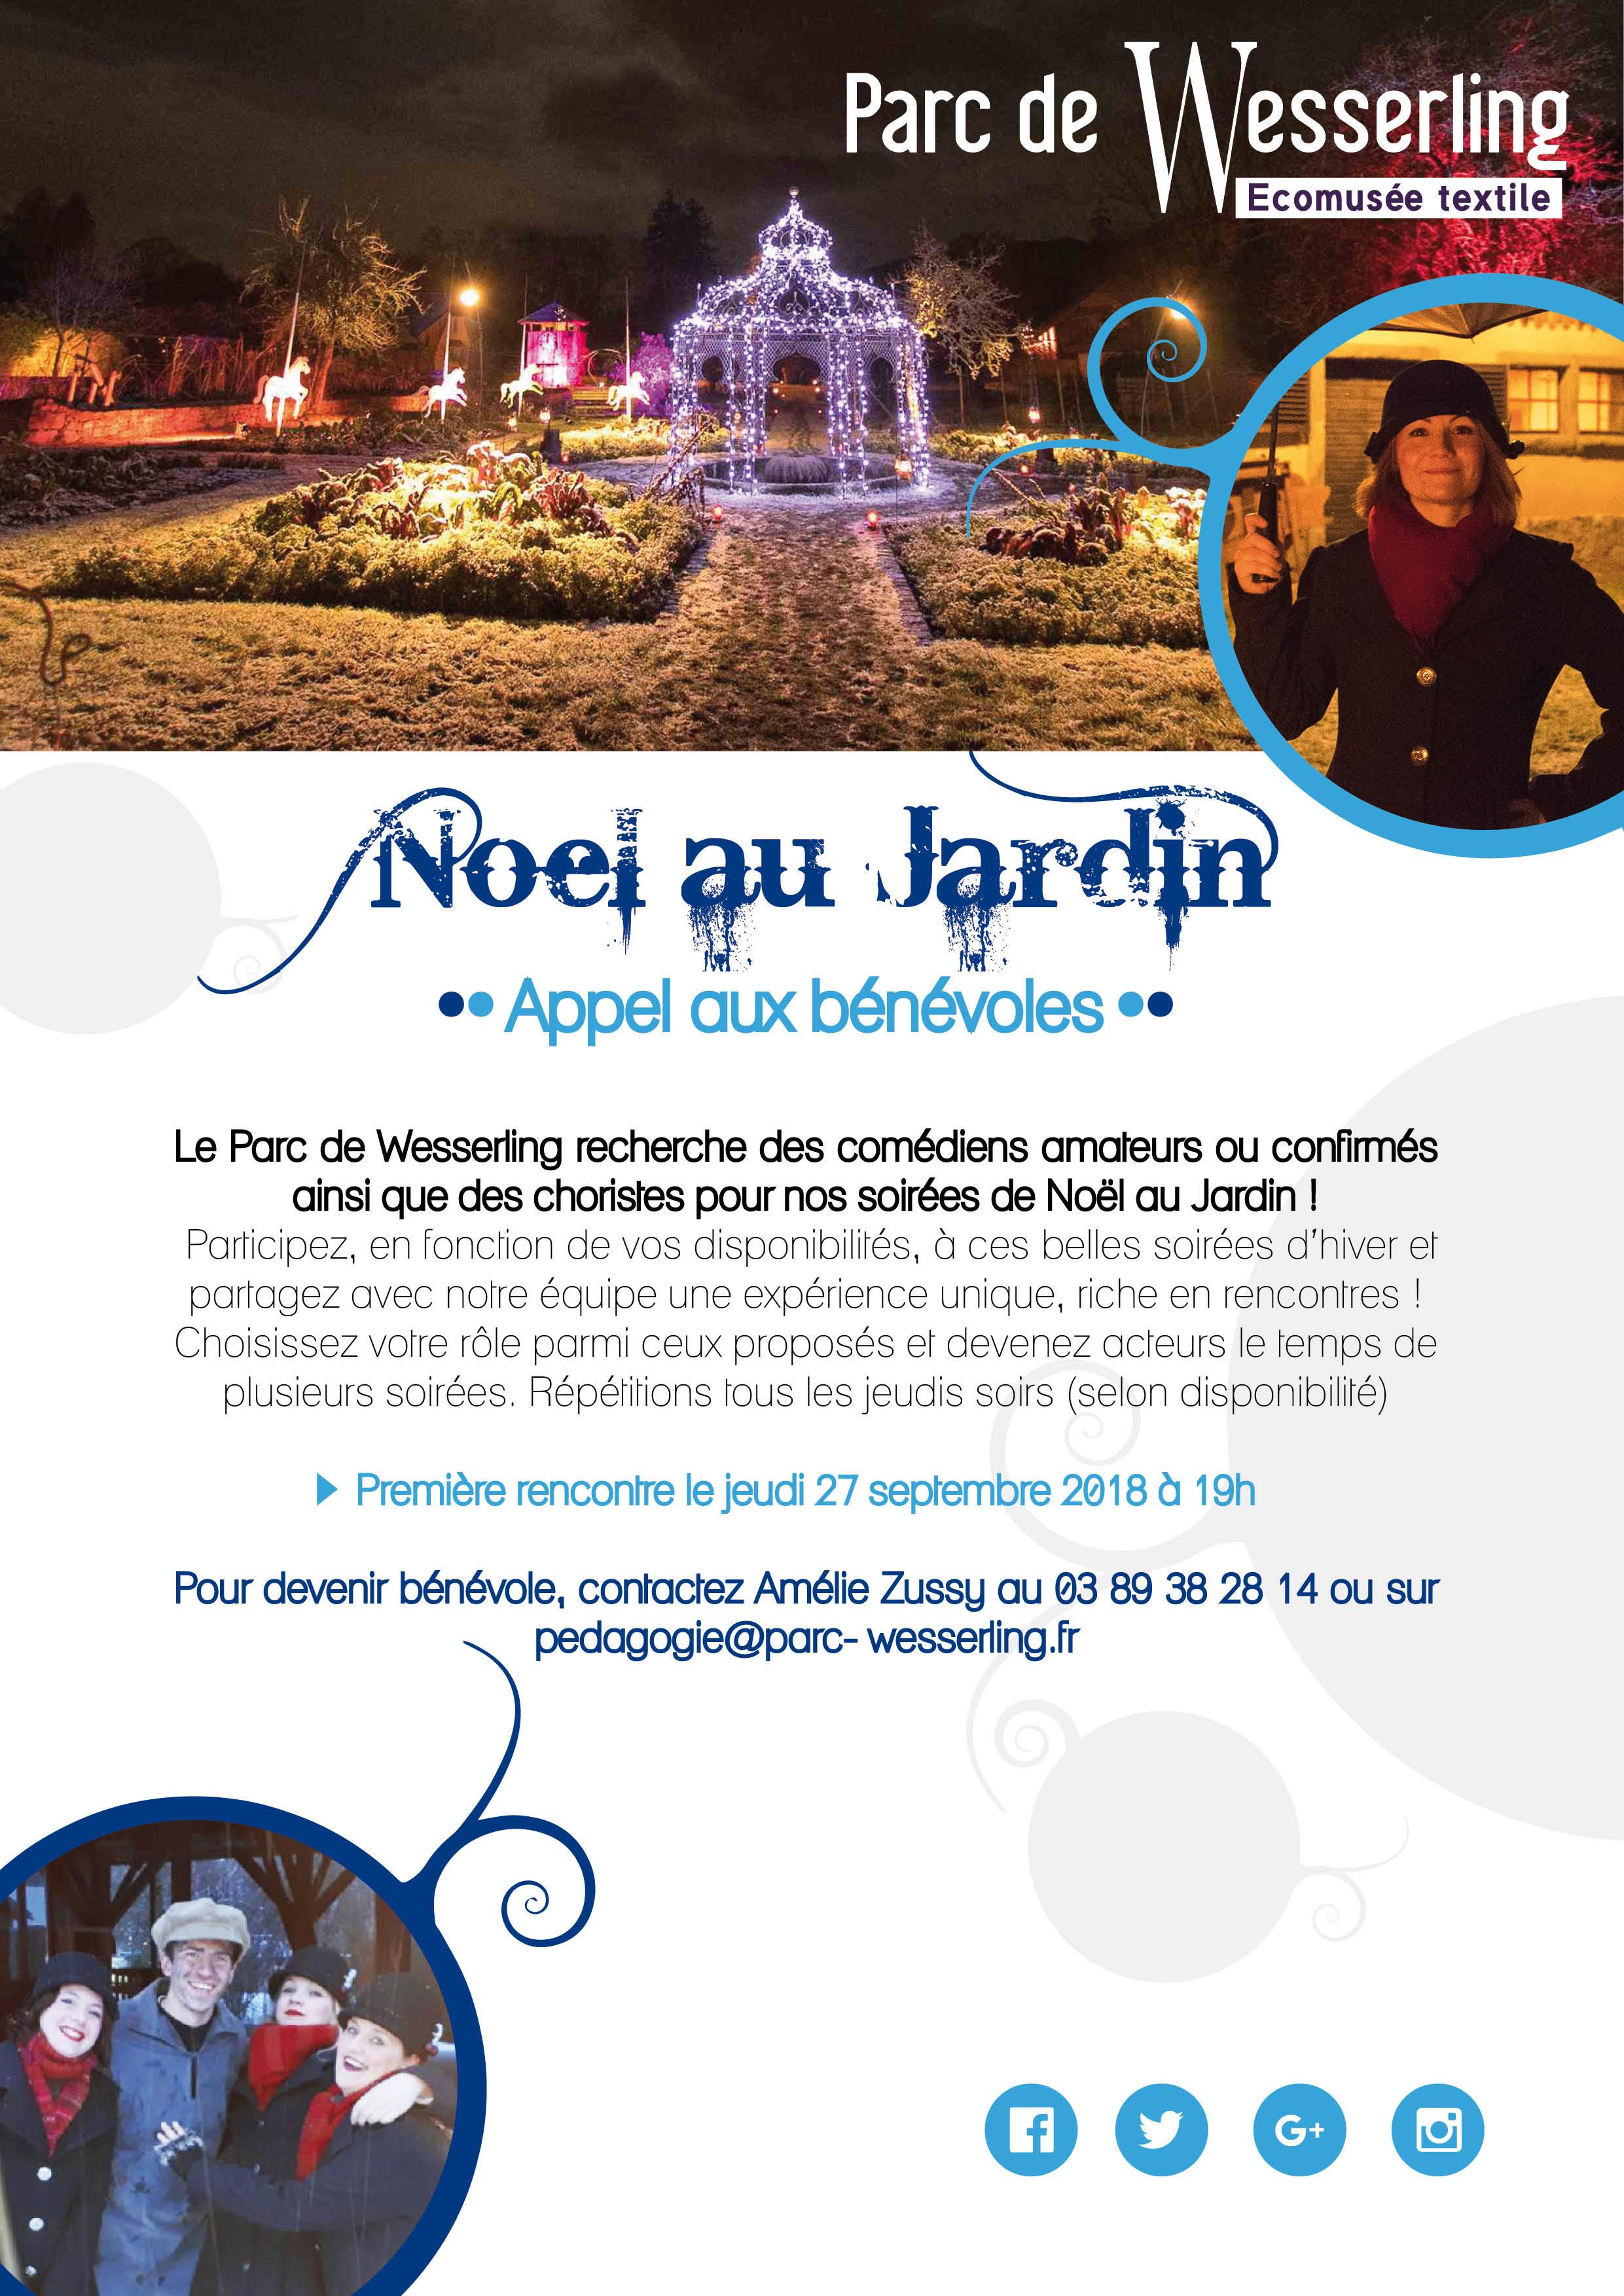 benevolat pour noel 2018 Le Parc est à la recherche de bénévoles pour ses soirées d'hiver  benevolat pour noel 2018